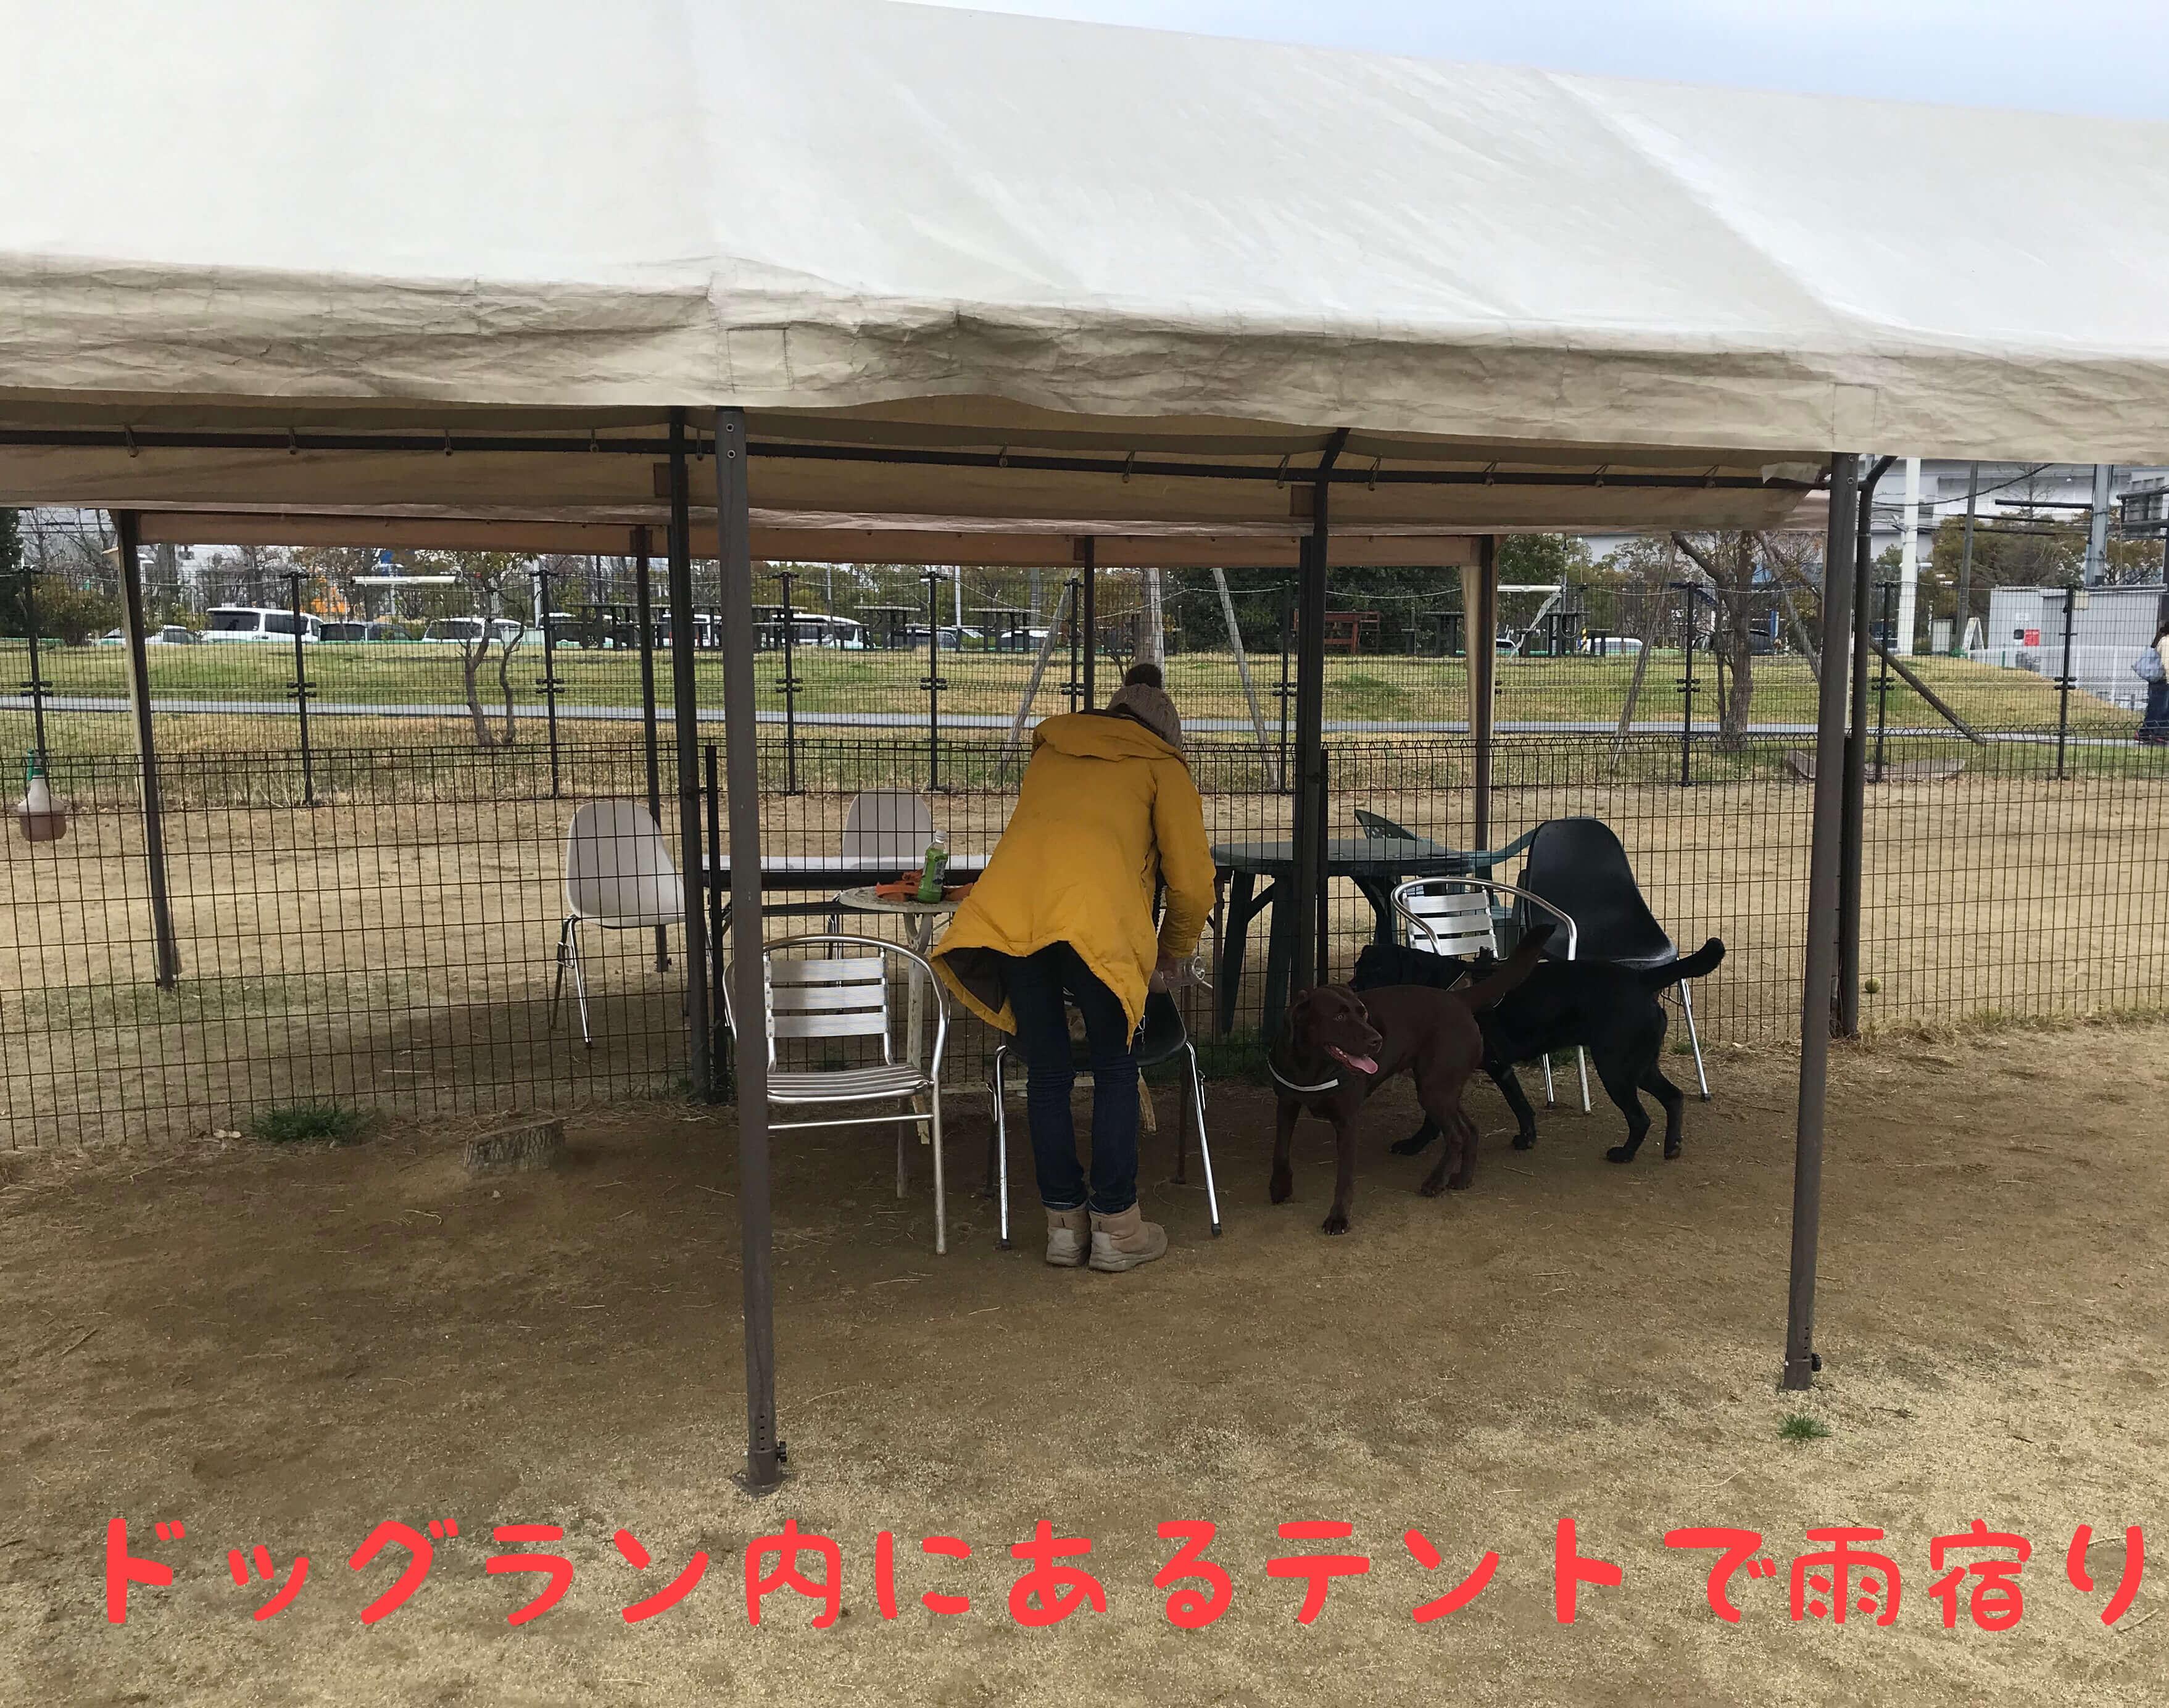 ドッグウォーキング ドッグラン ドッグラン内にあるテントで雨宿り ラブラドールレトリバー